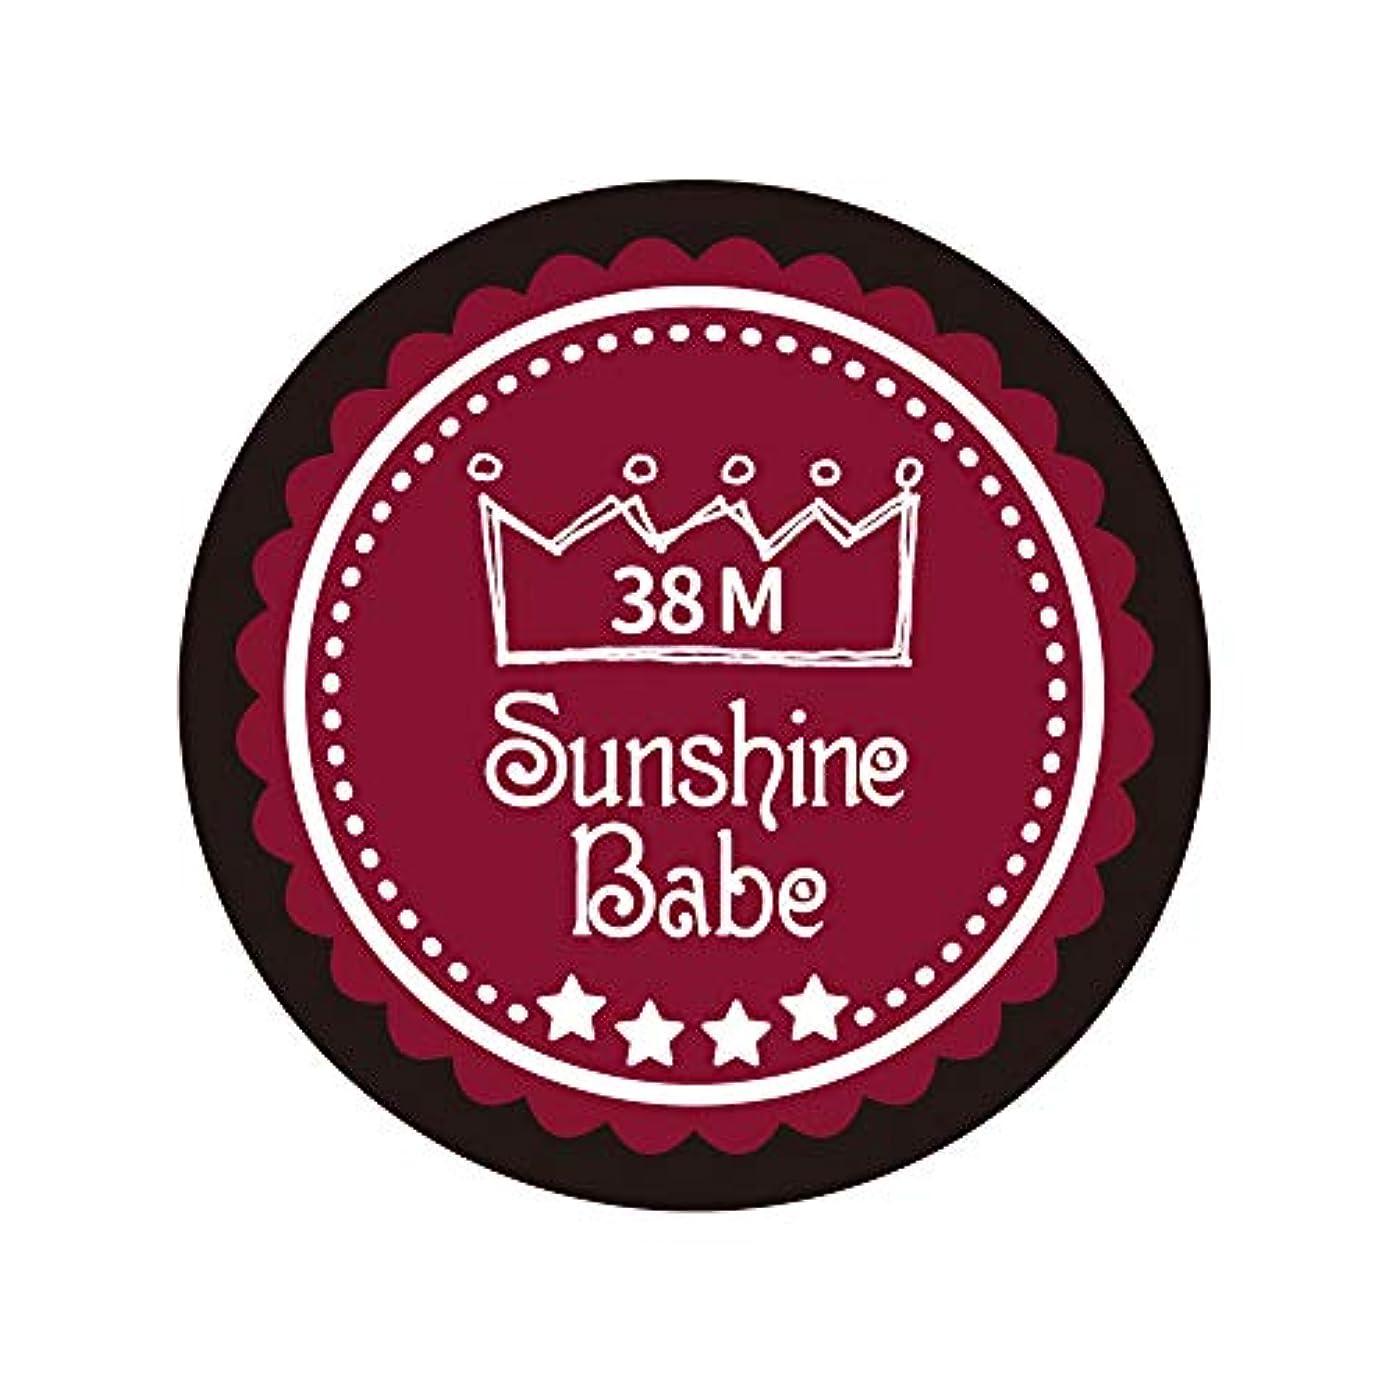 モンスターパット絶縁するSunshine Babe カラージェル 38M レッドペア 4g UV/LED対応